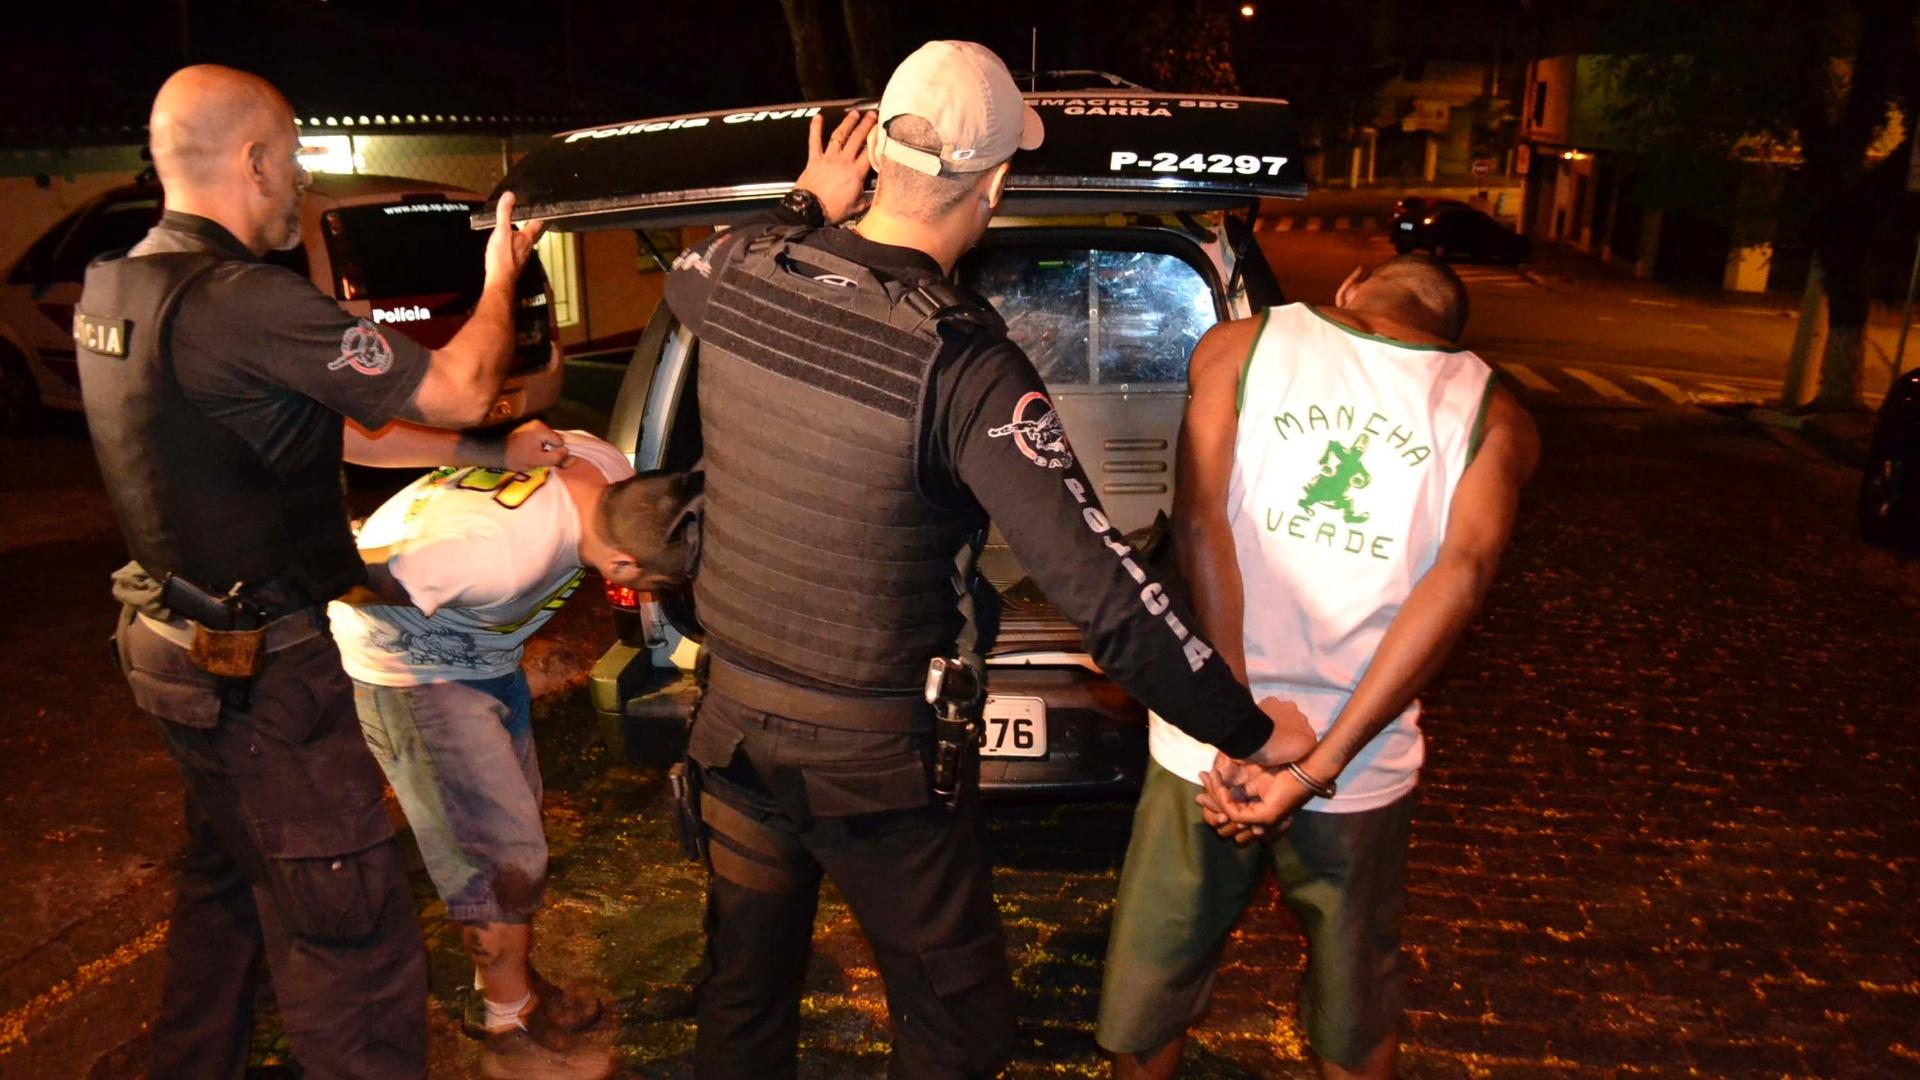 20.out.2010 - Integrantes de torcida organizada do Palmeiras são presos após briga com torcedores santistas na rodovia Anchieta